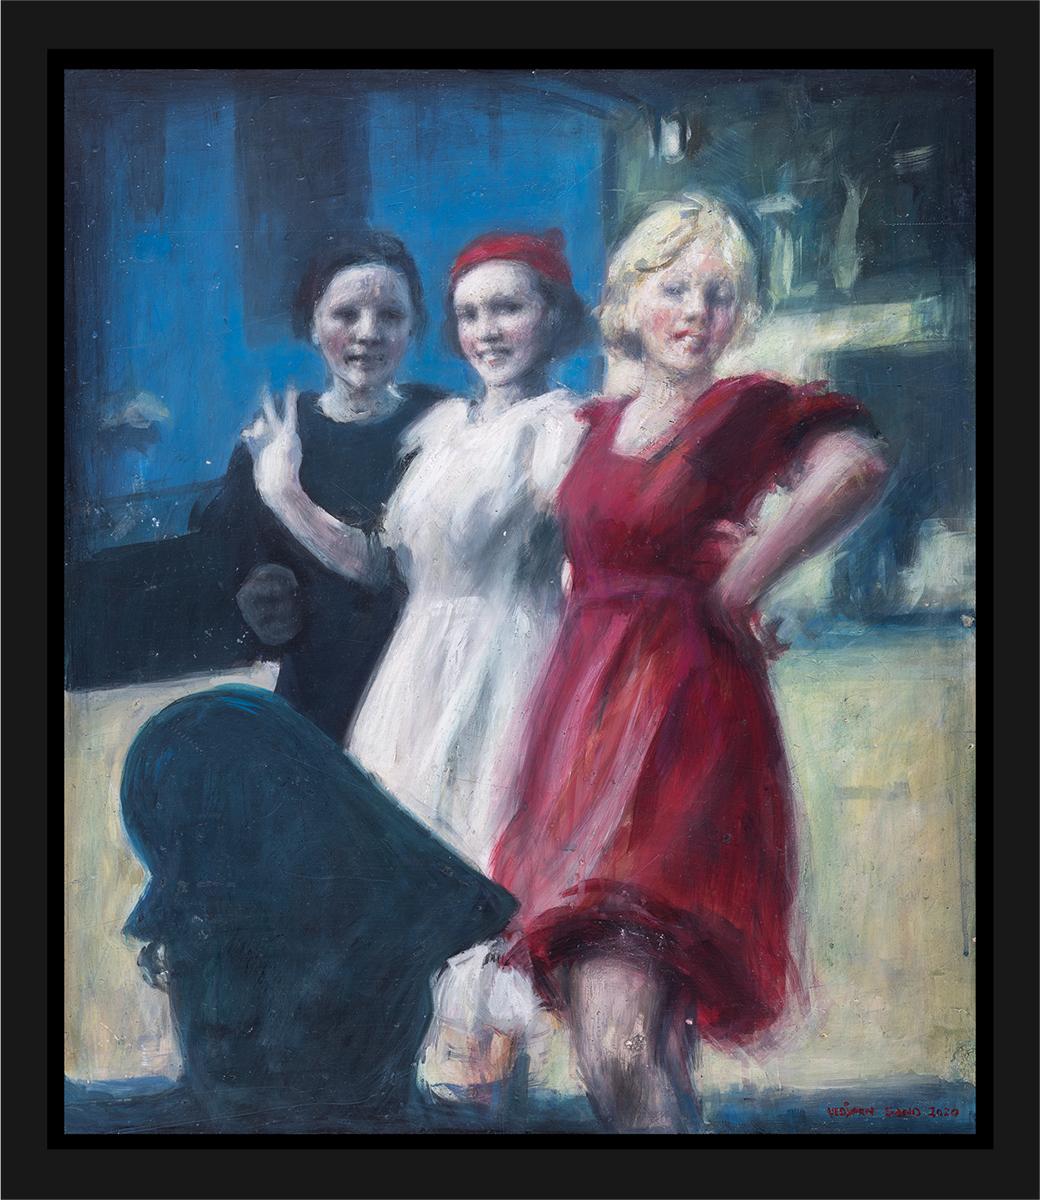 Tre kviner, den forførende i rødt, den uskyldige i hvitt og den sørgende i sort. Akryl på plate, maleri av Vebjørn Sand.